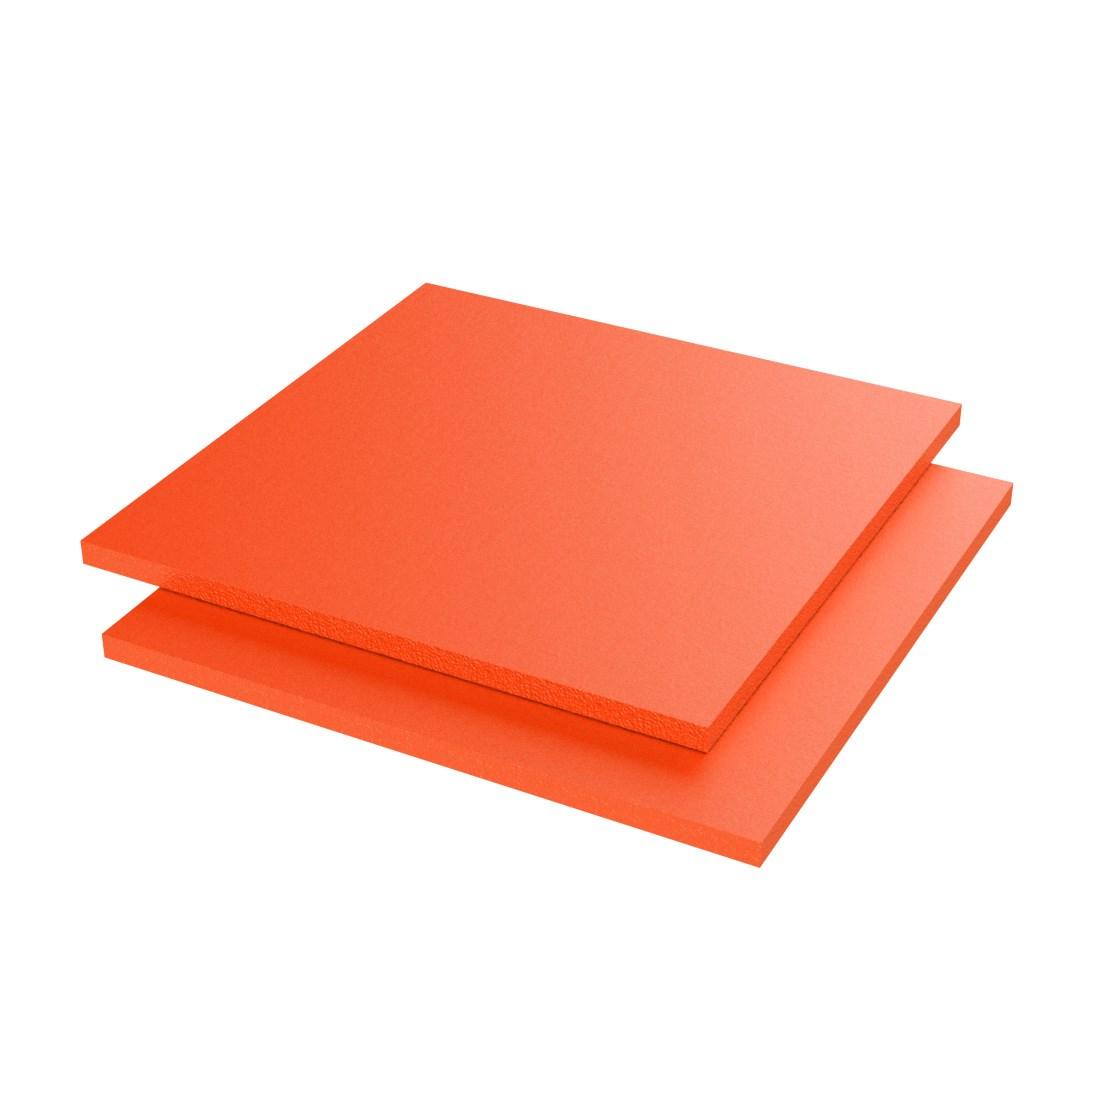 Vikupor PVC Plaat Geschuimd Oranje PR43 Enkelzijdig folie 3050x1560x3mm 7302110